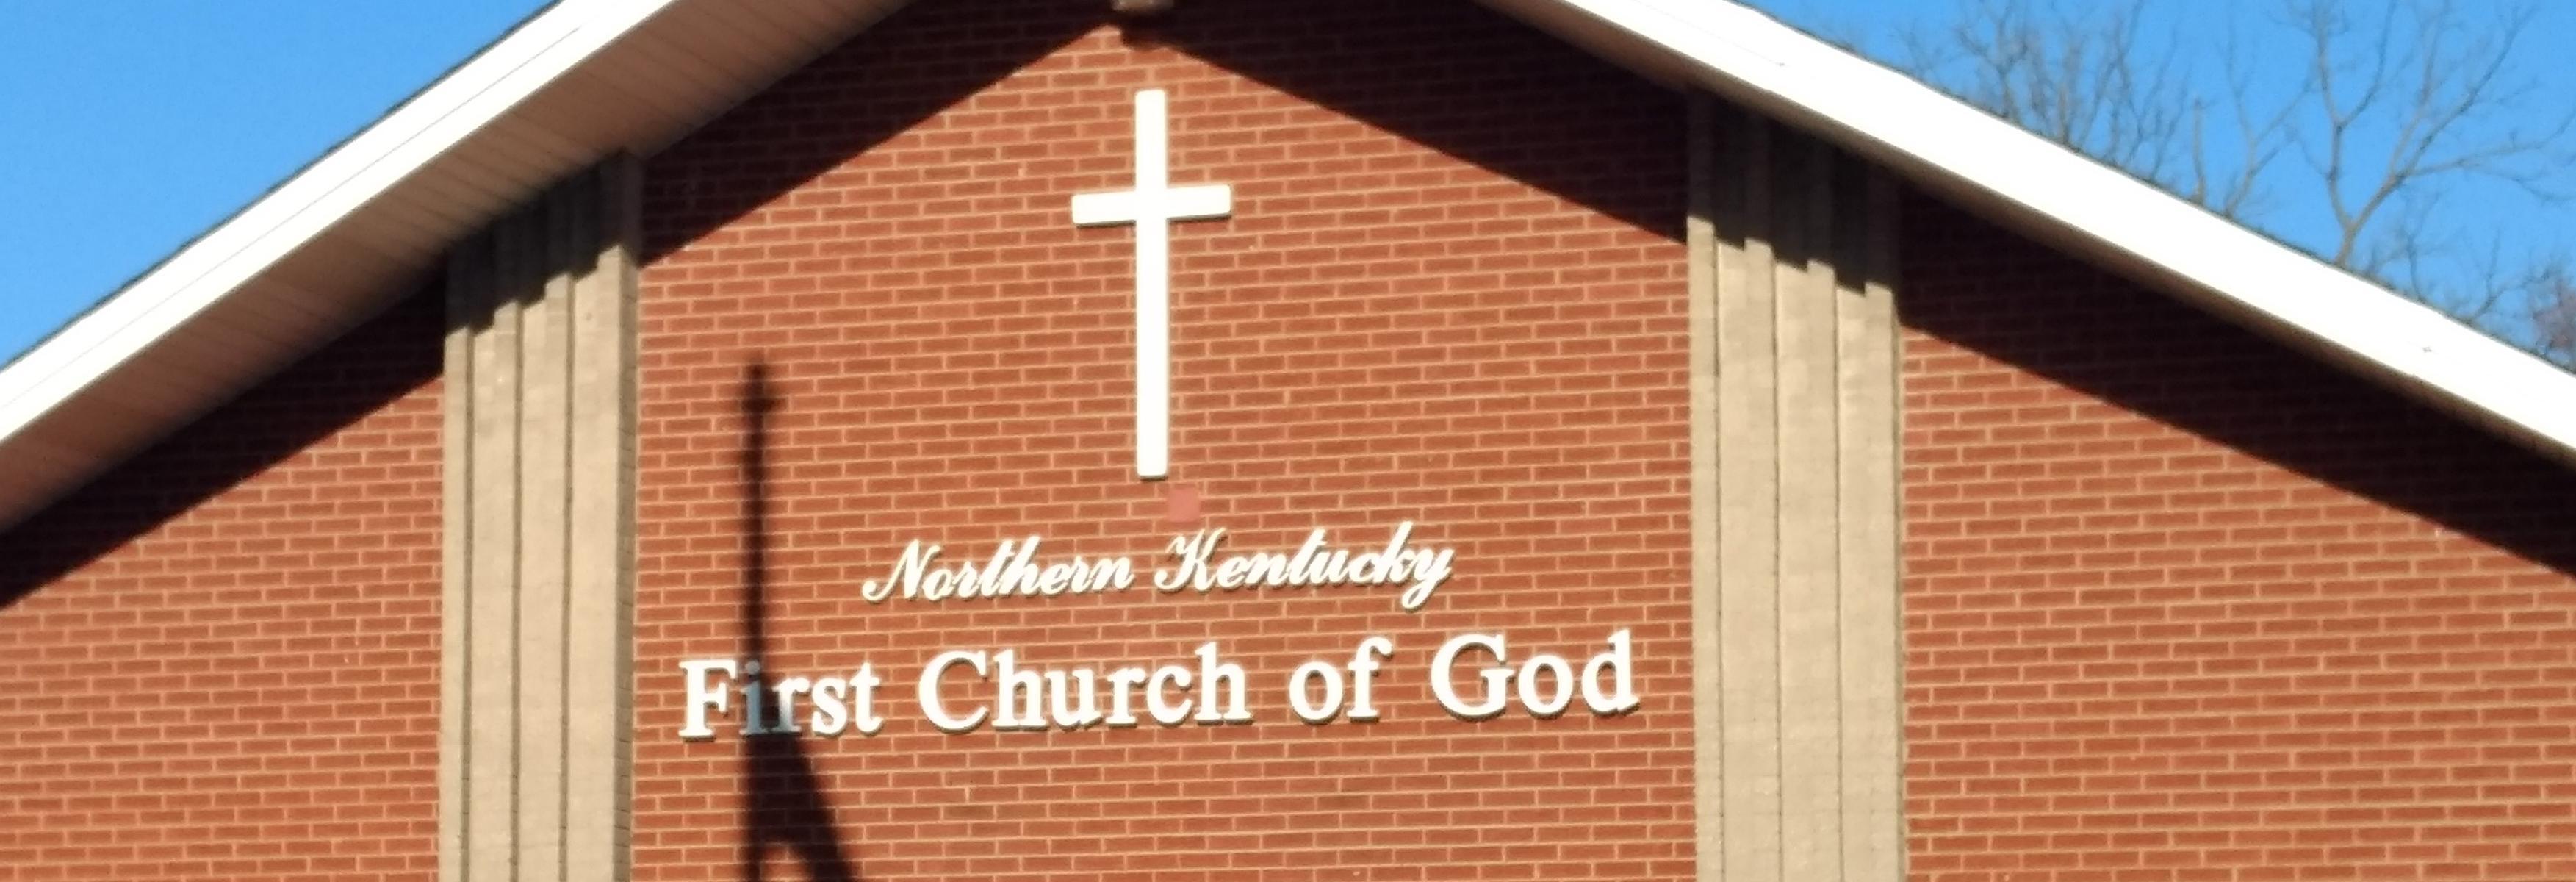 northern kentucky first church of god building erlanger kentucky